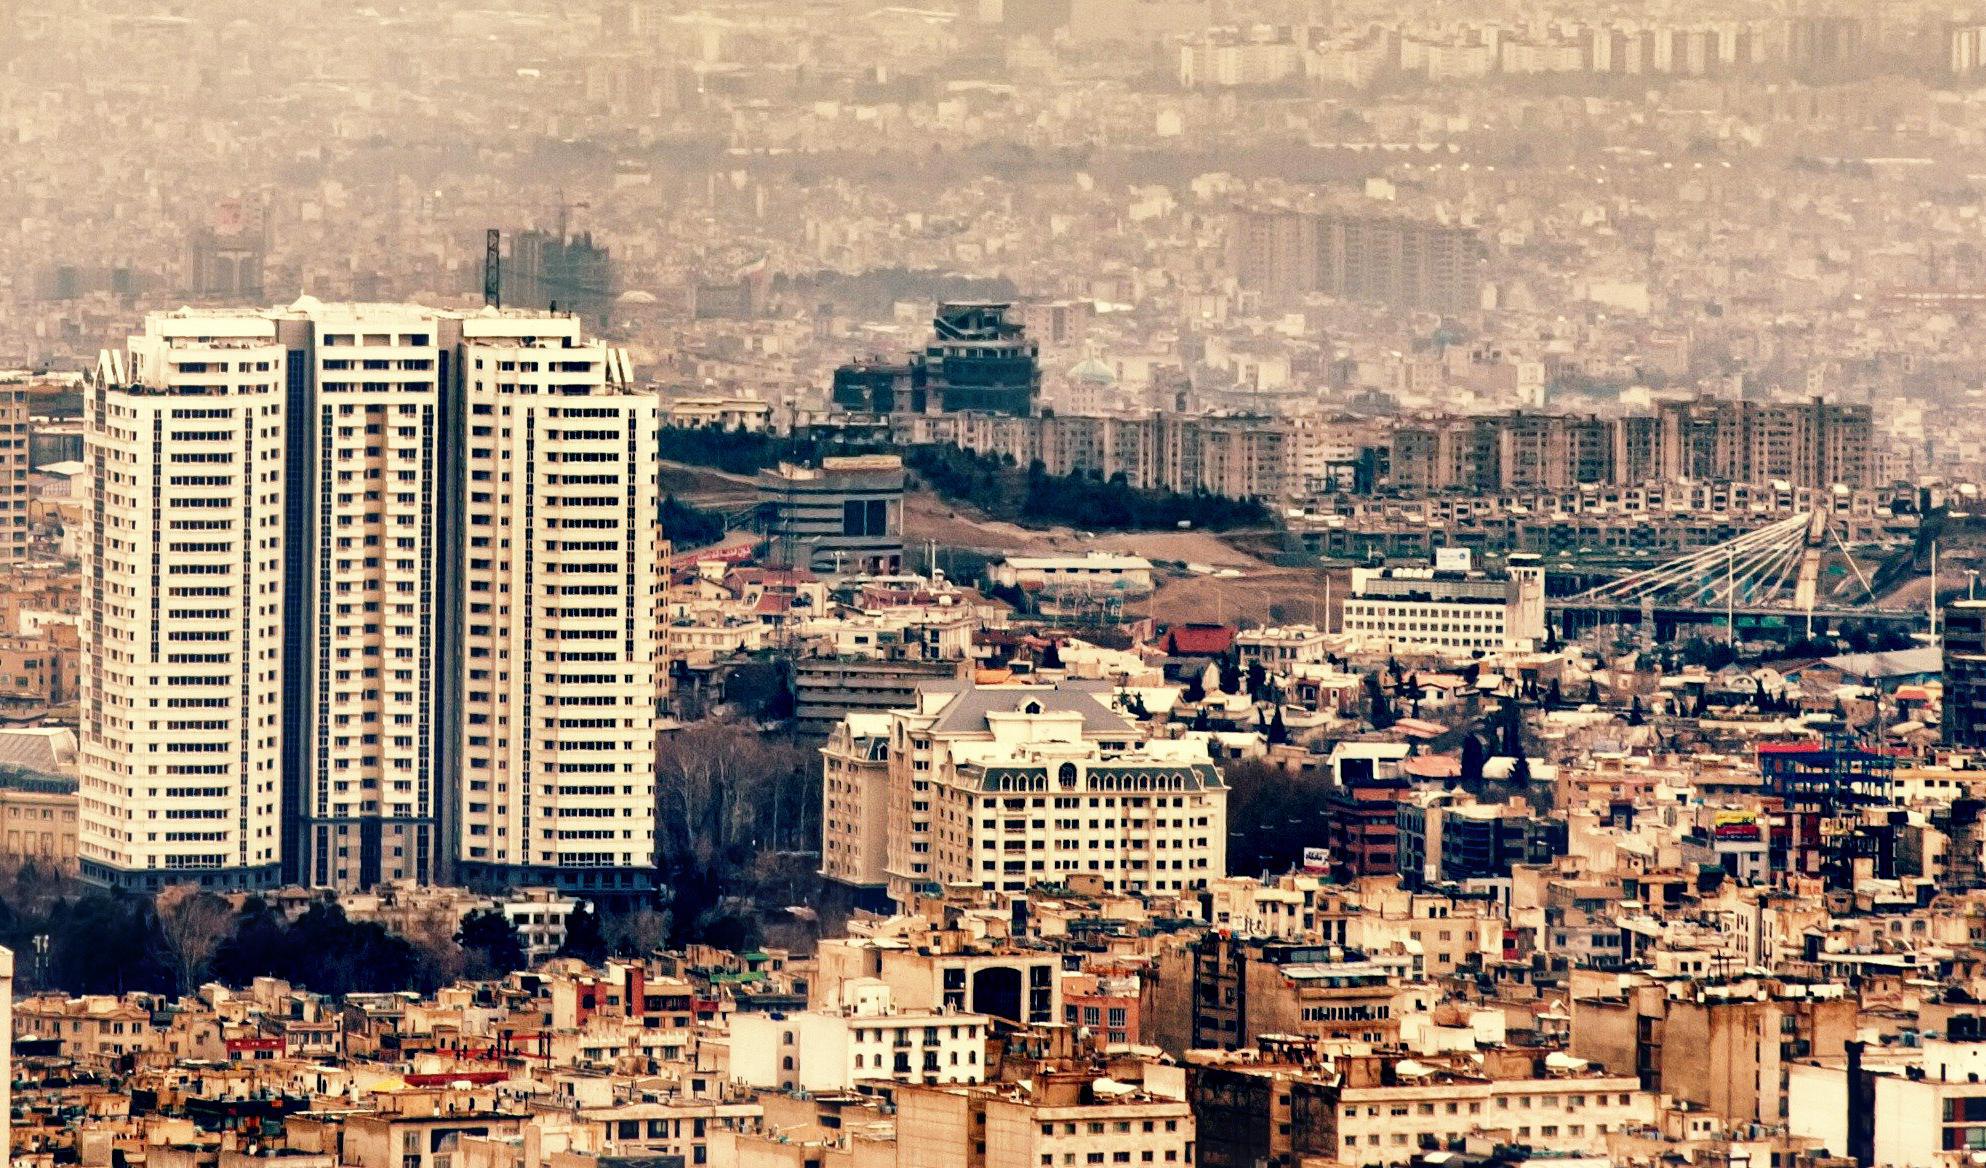 کاهش ۱۵ درصدی قیمت مسکن در تهران/قراردادهای مسکن کشور ۷۲ درصد افزایش یافت